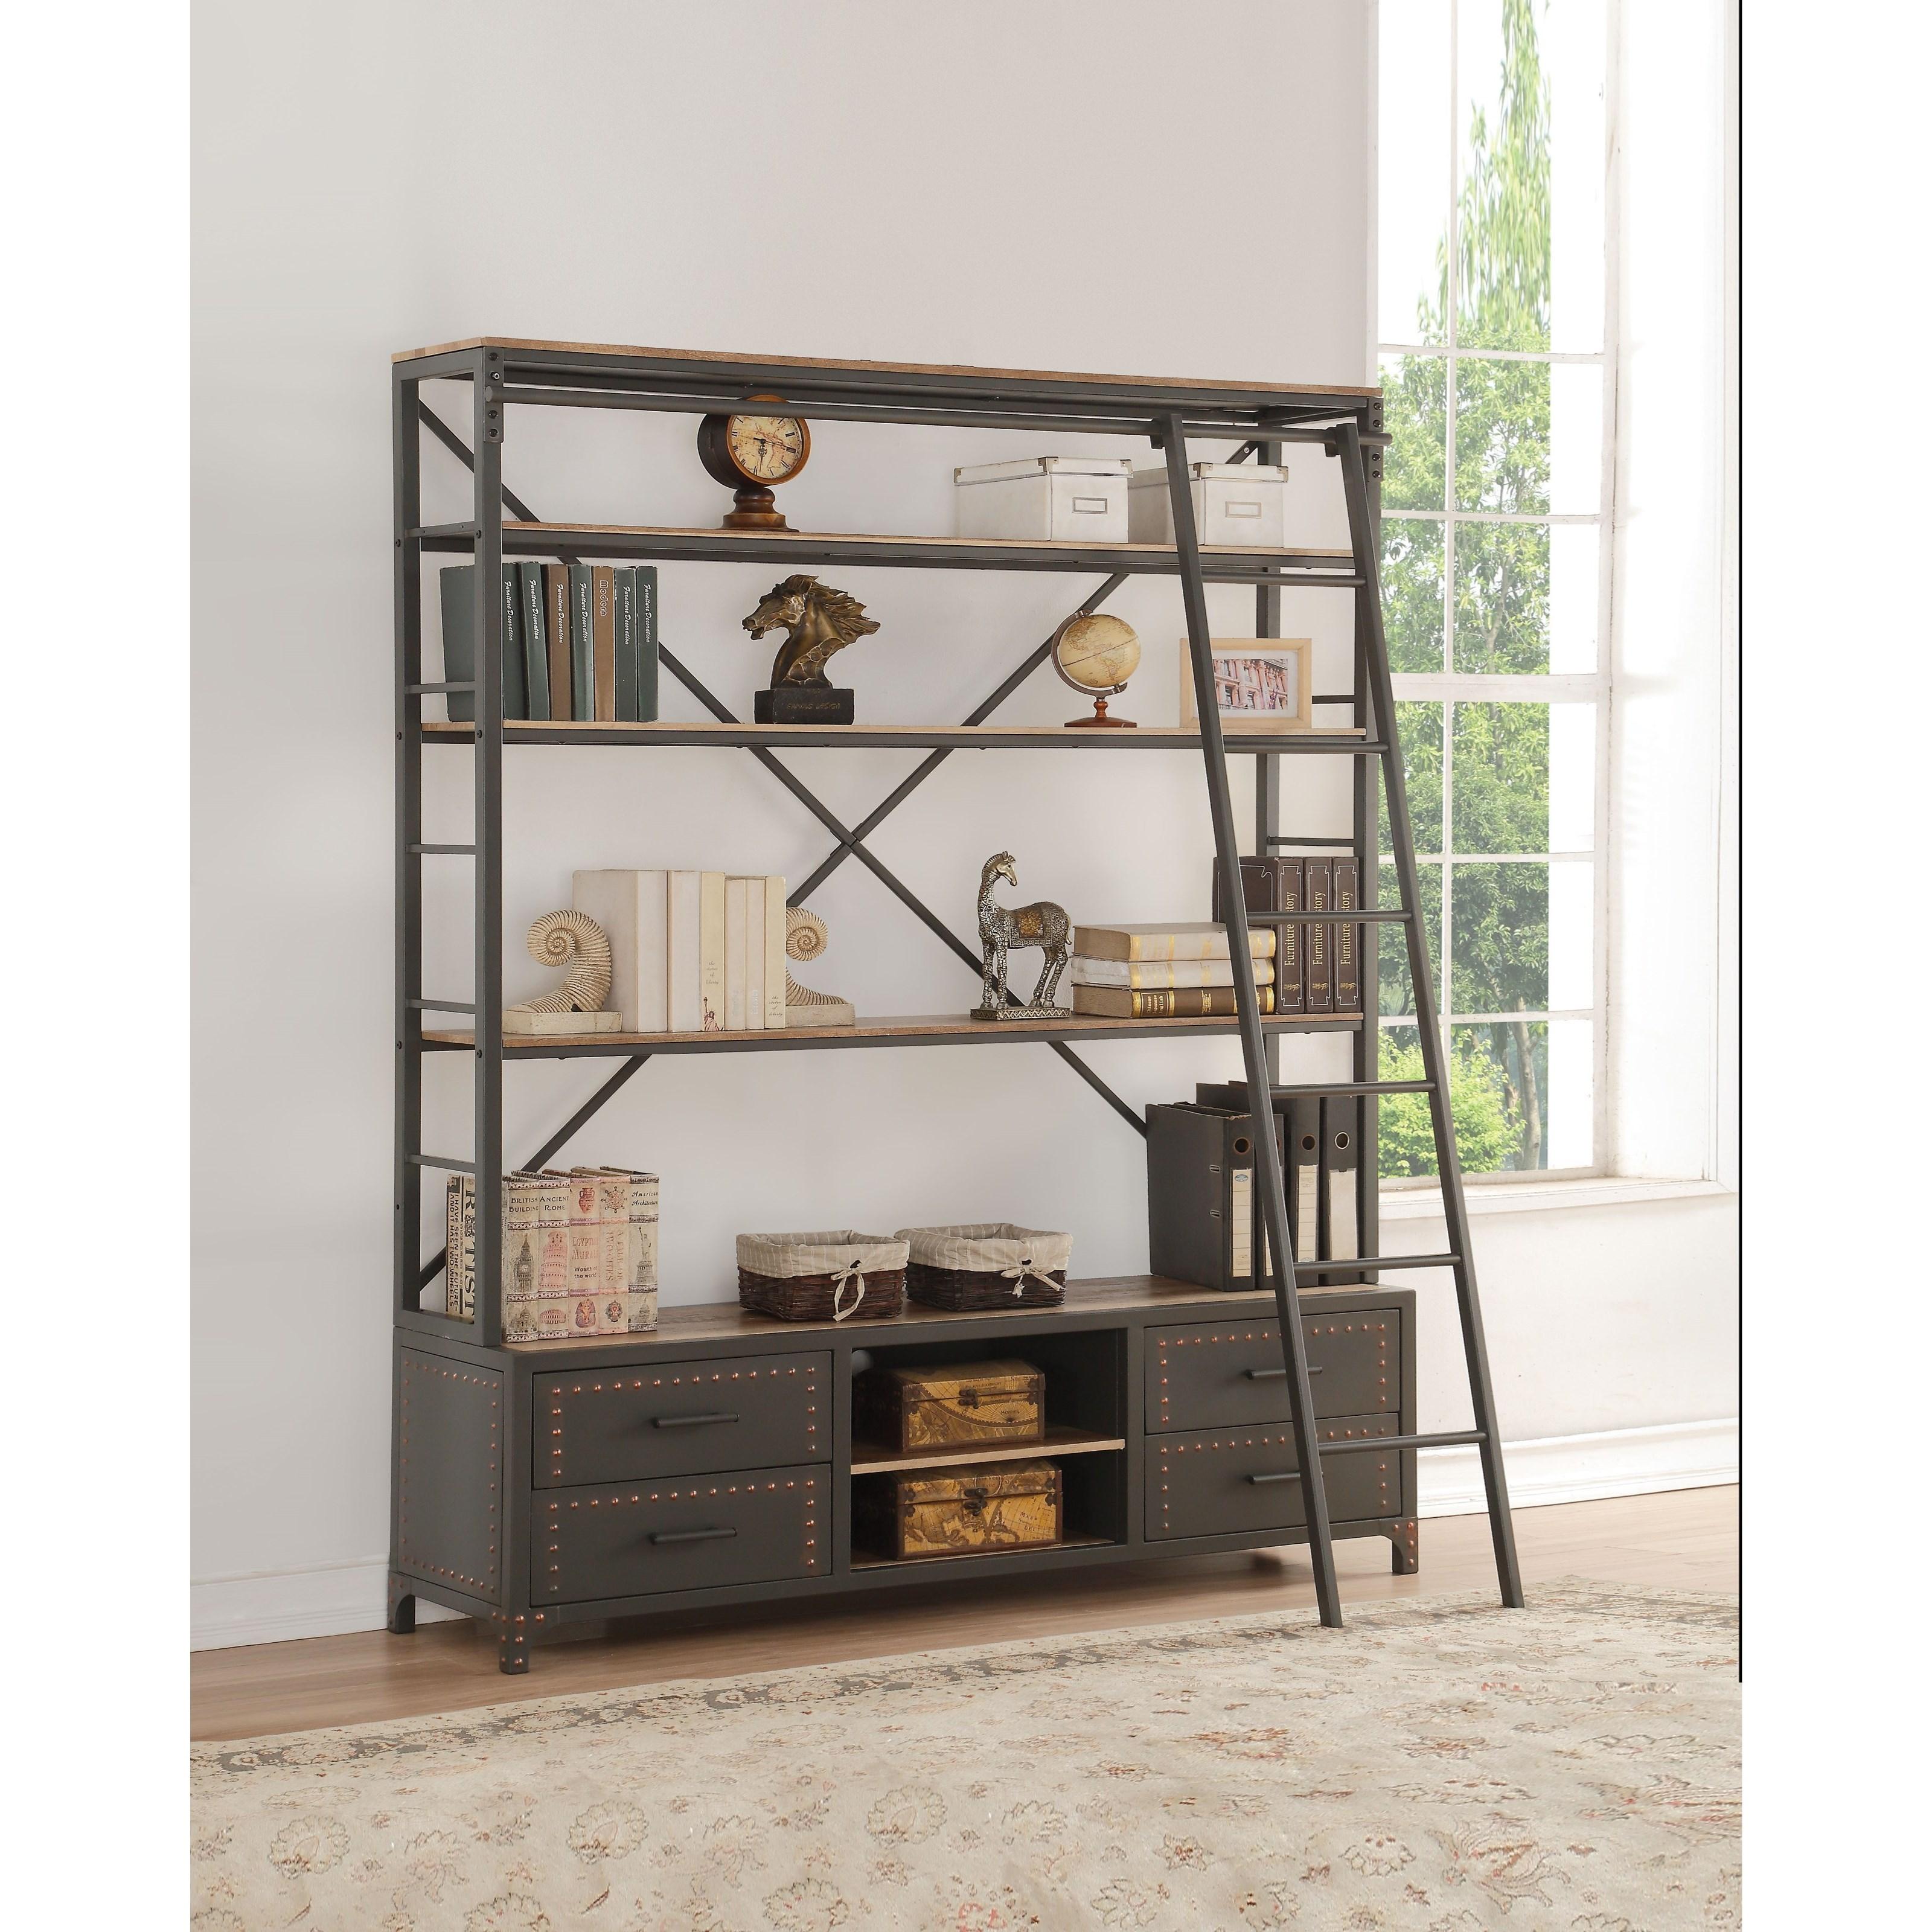 Actaki Bookshelf & Ladder by Acme Furniture at A1 Furniture & Mattress